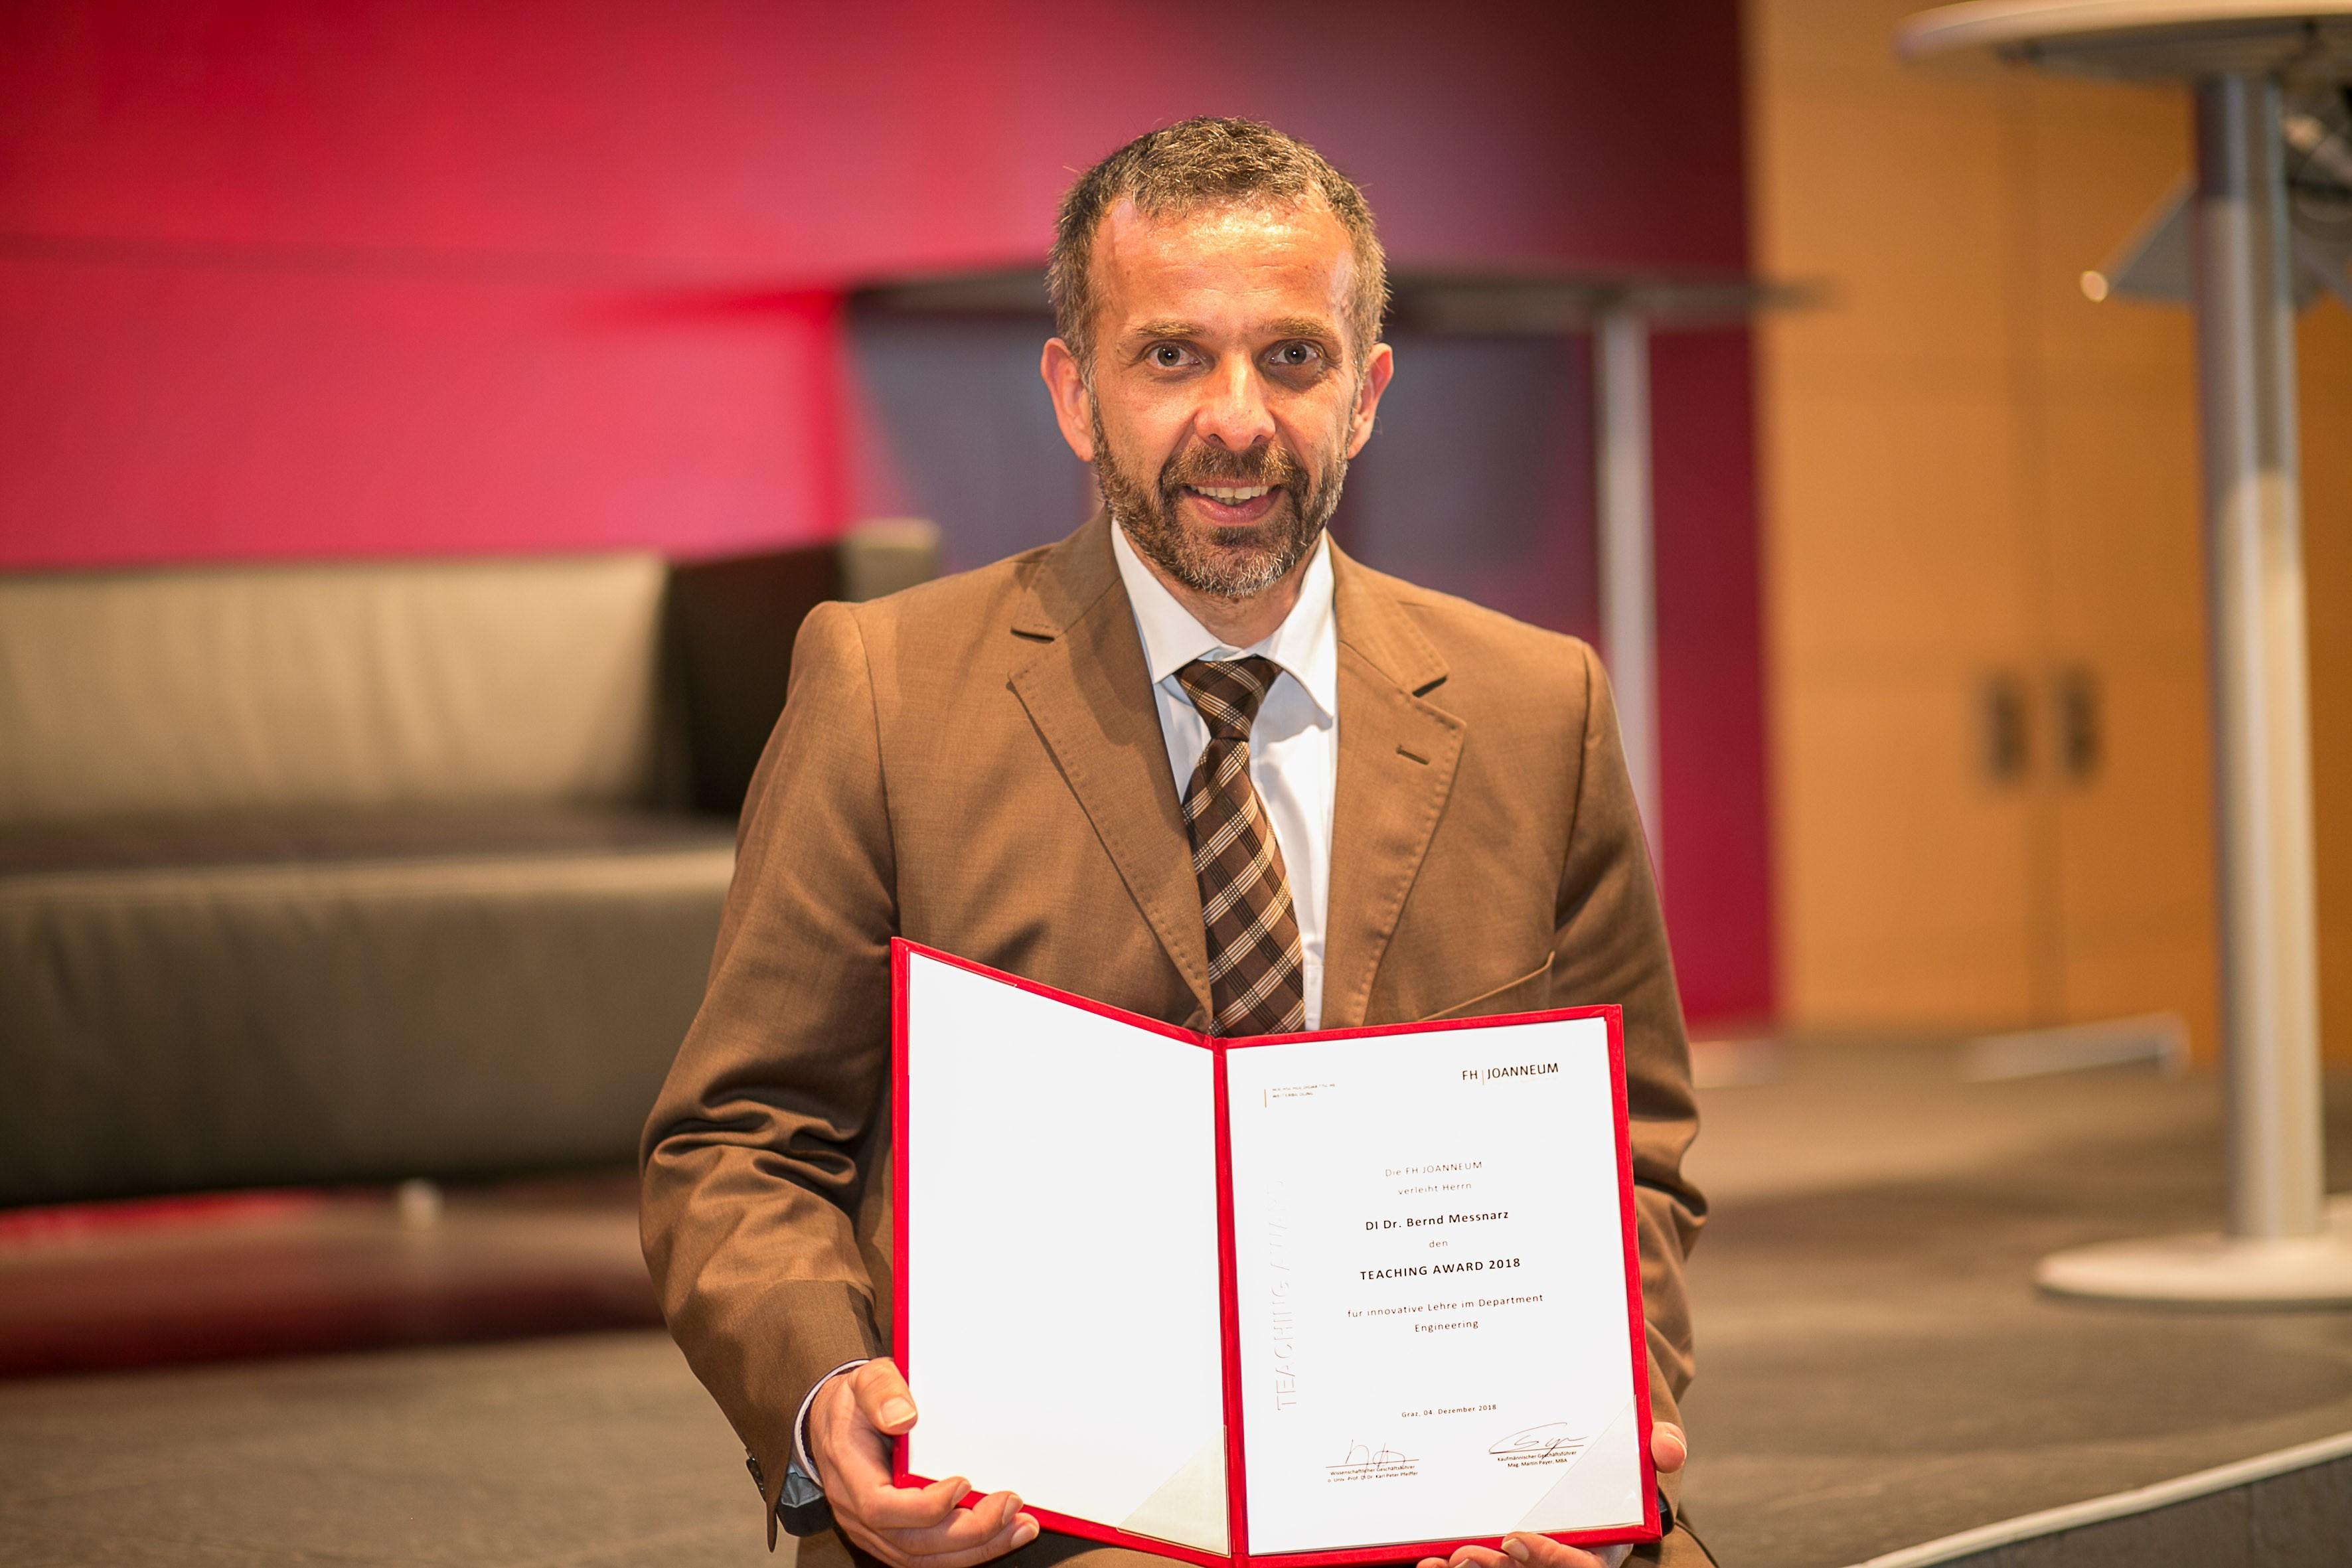 Bernd Messnarz hält den Teaching Award 2018 in die Kamera.